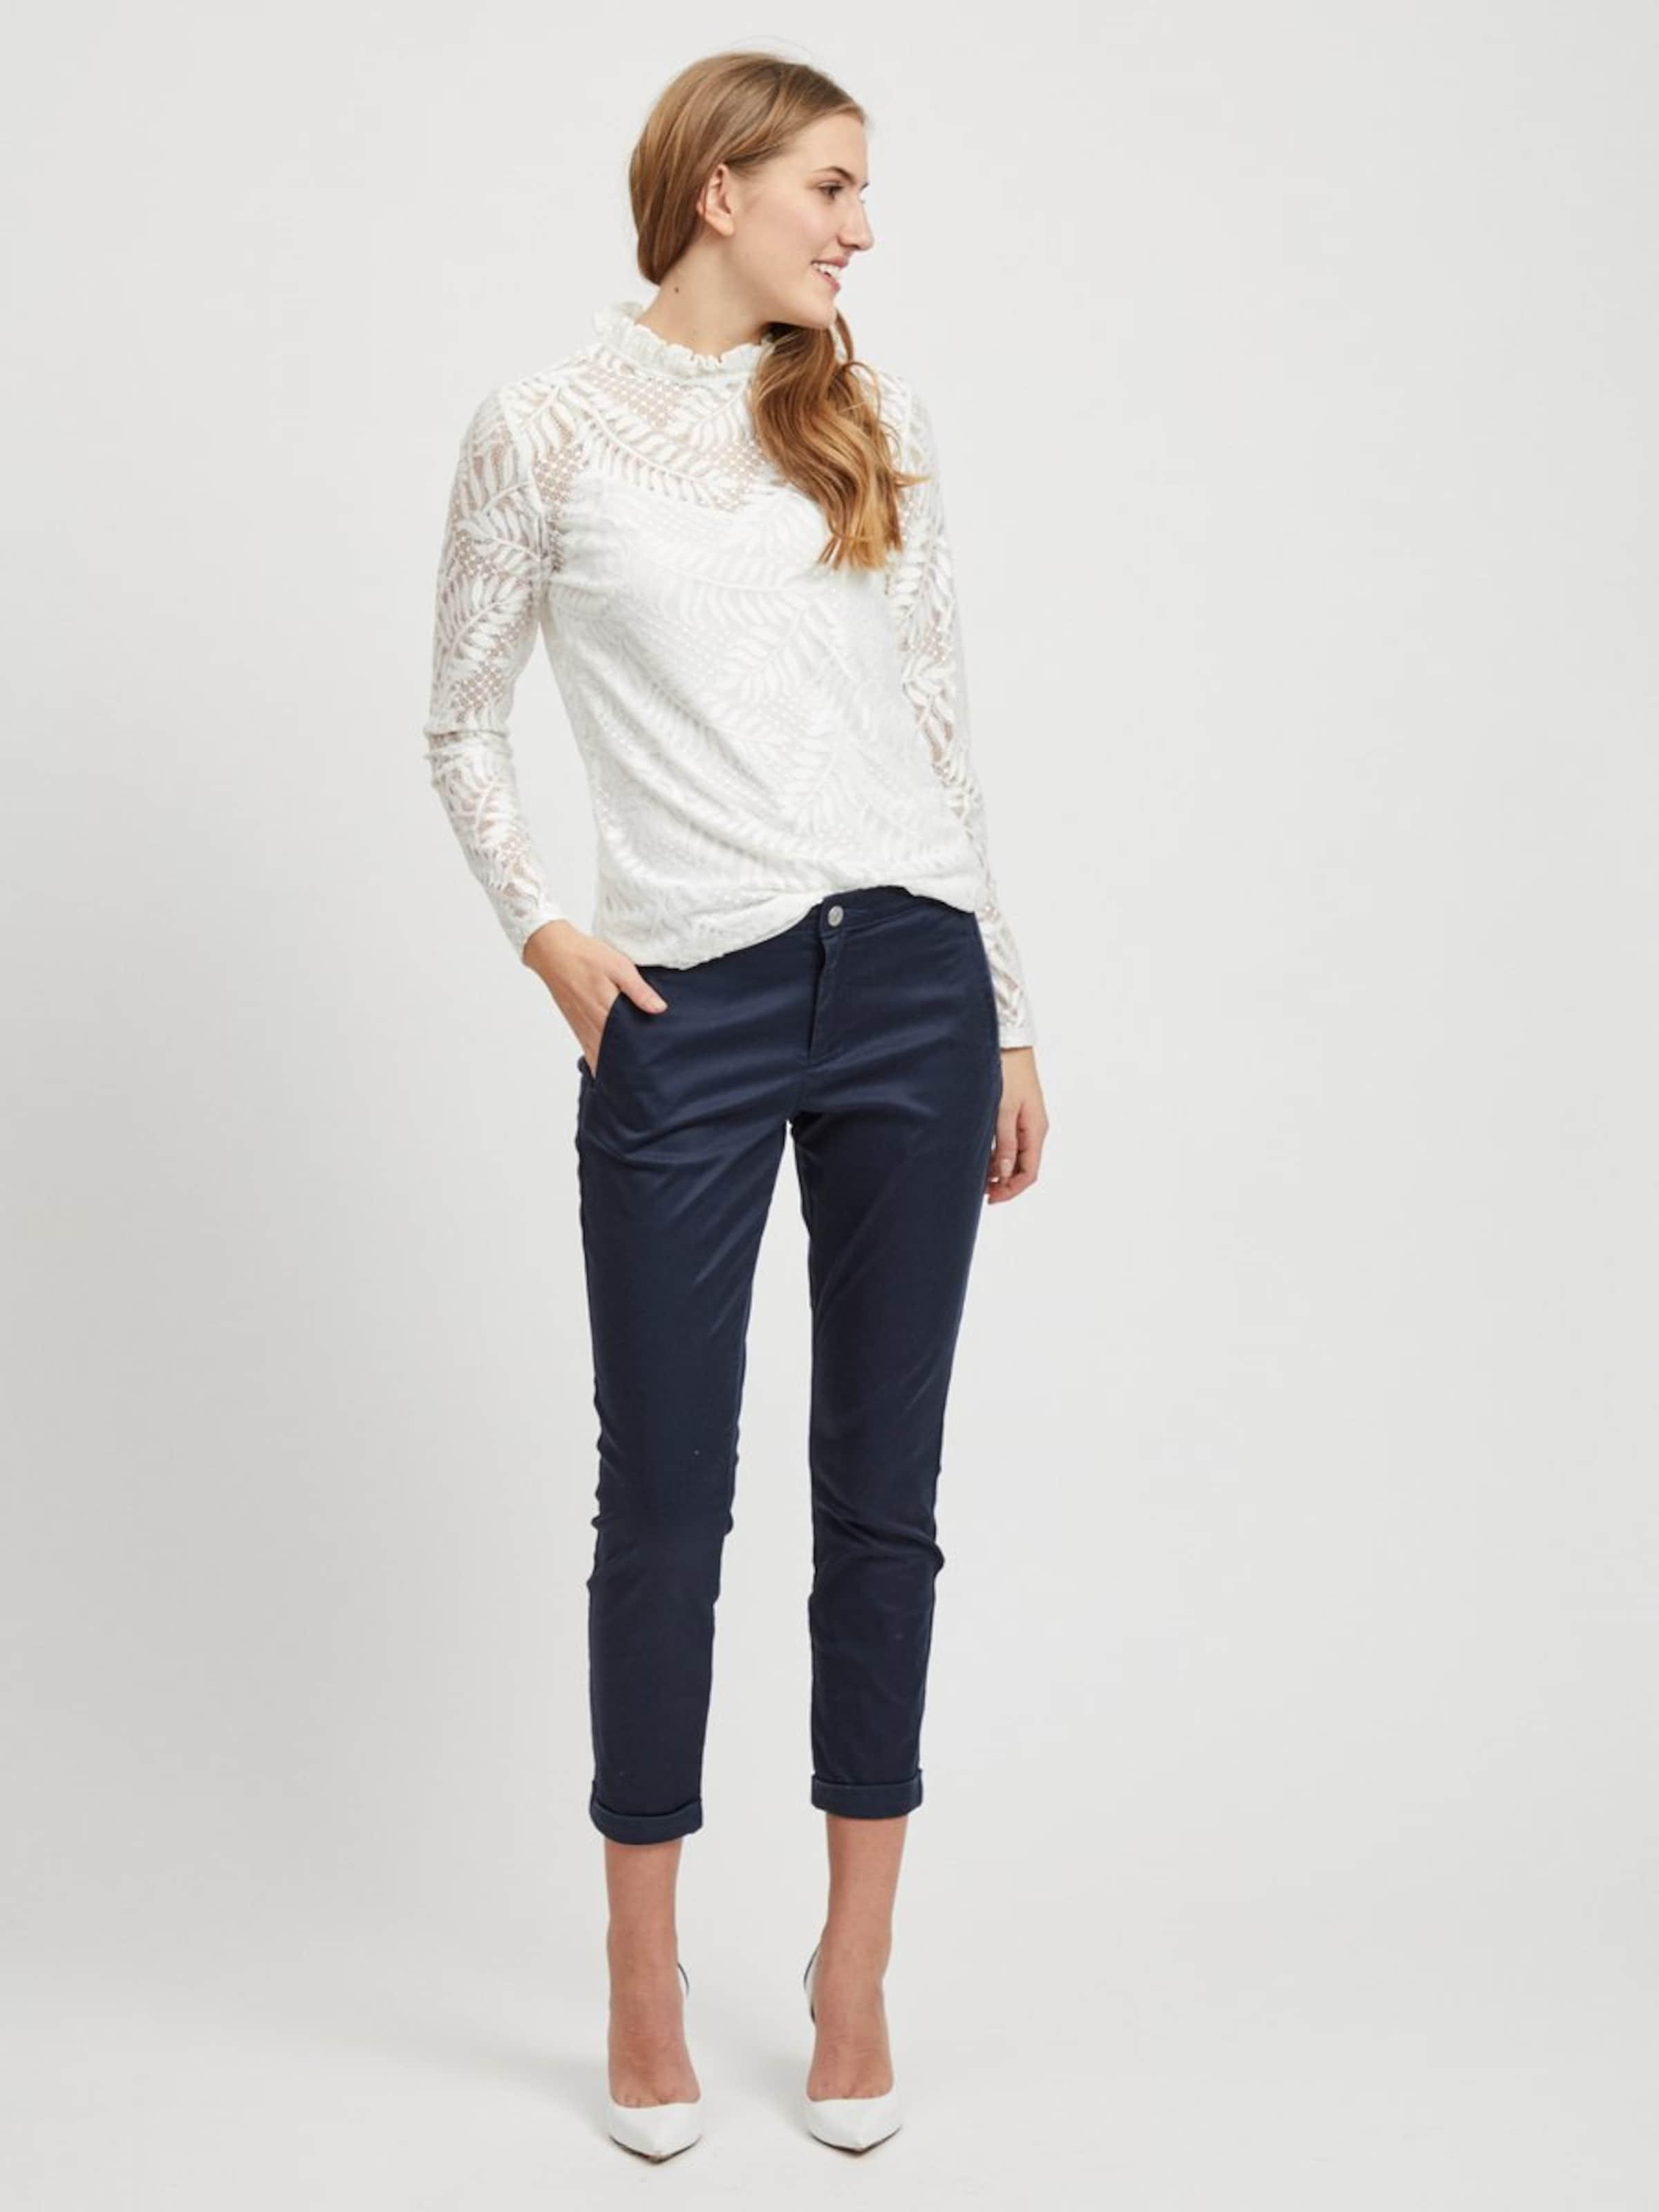 Vila In Cropped Dunkelblau Jeans Cropped Jeans Vila In Dunkelblau xWreCQdBo